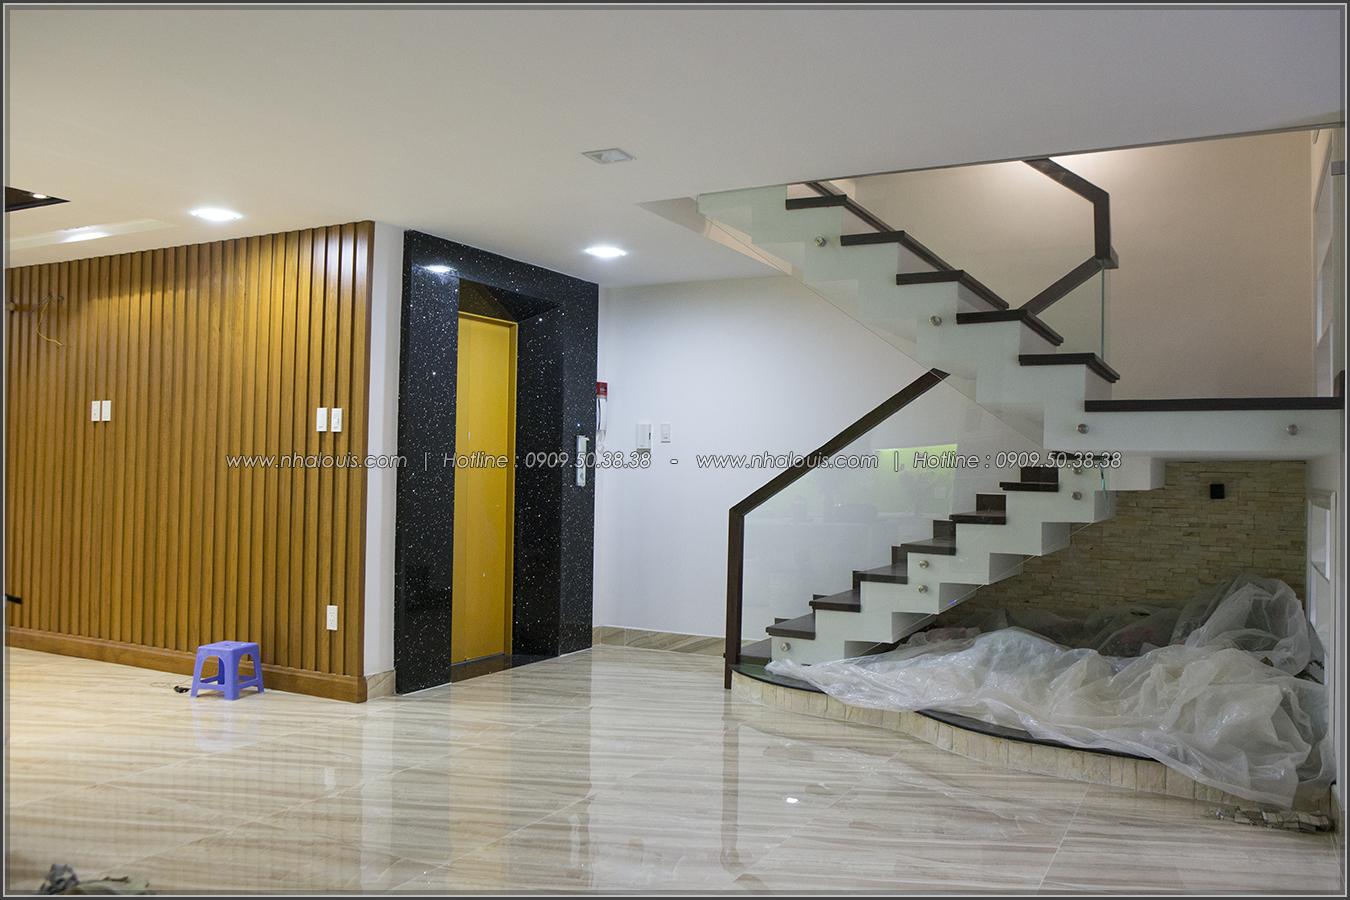 Thiết kế và thi công biệt thự phố đẹp với hồ bơi xanh mát tại Tân Bình - 04